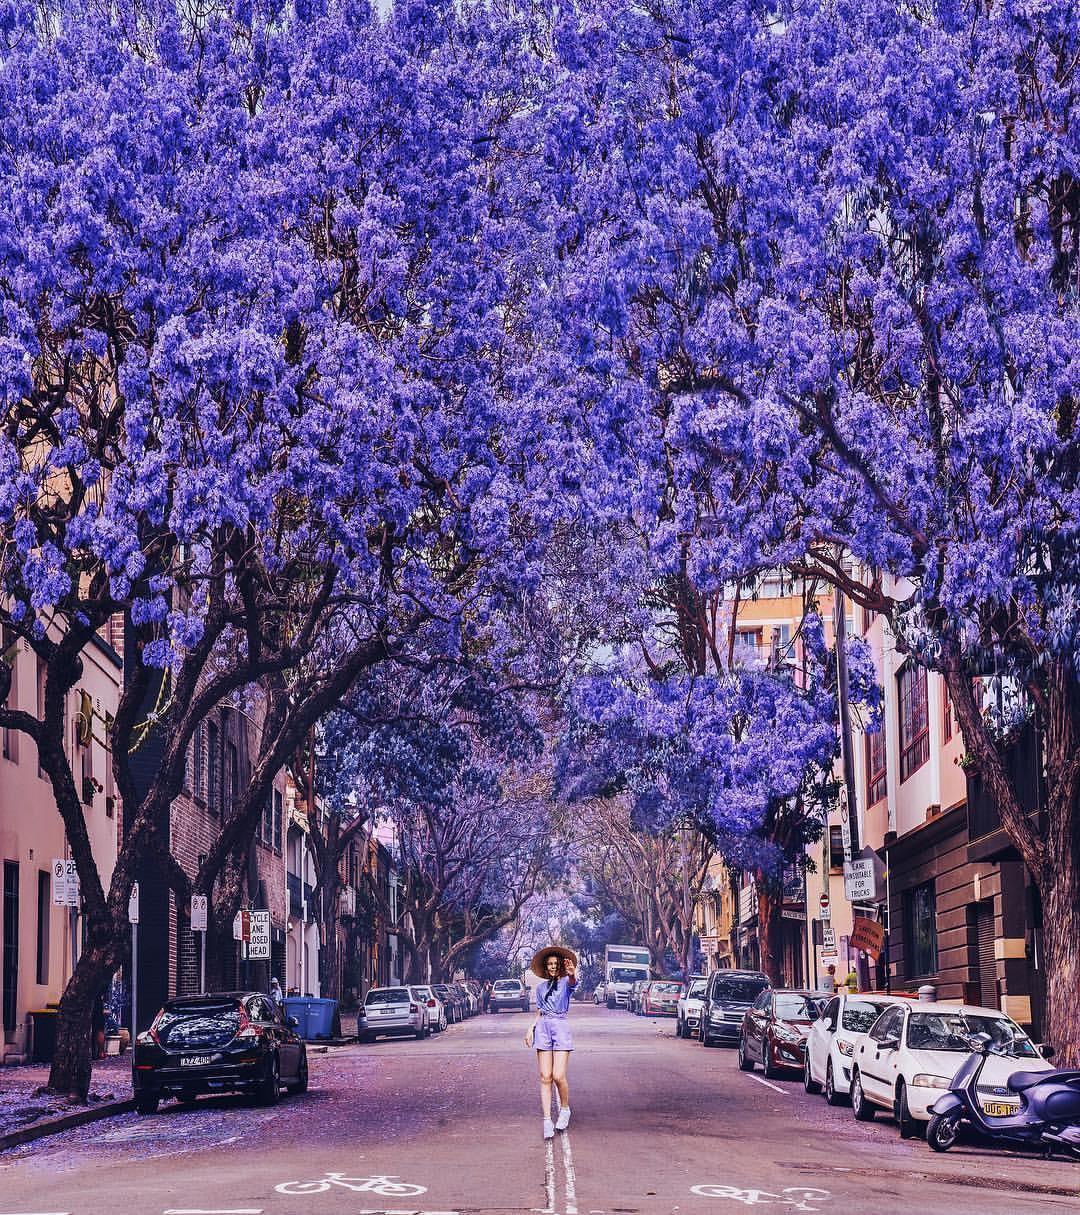 Фото Девушка стоит на дороге под цветущими деревьями, by hobopeeba / Kristina Makeeva